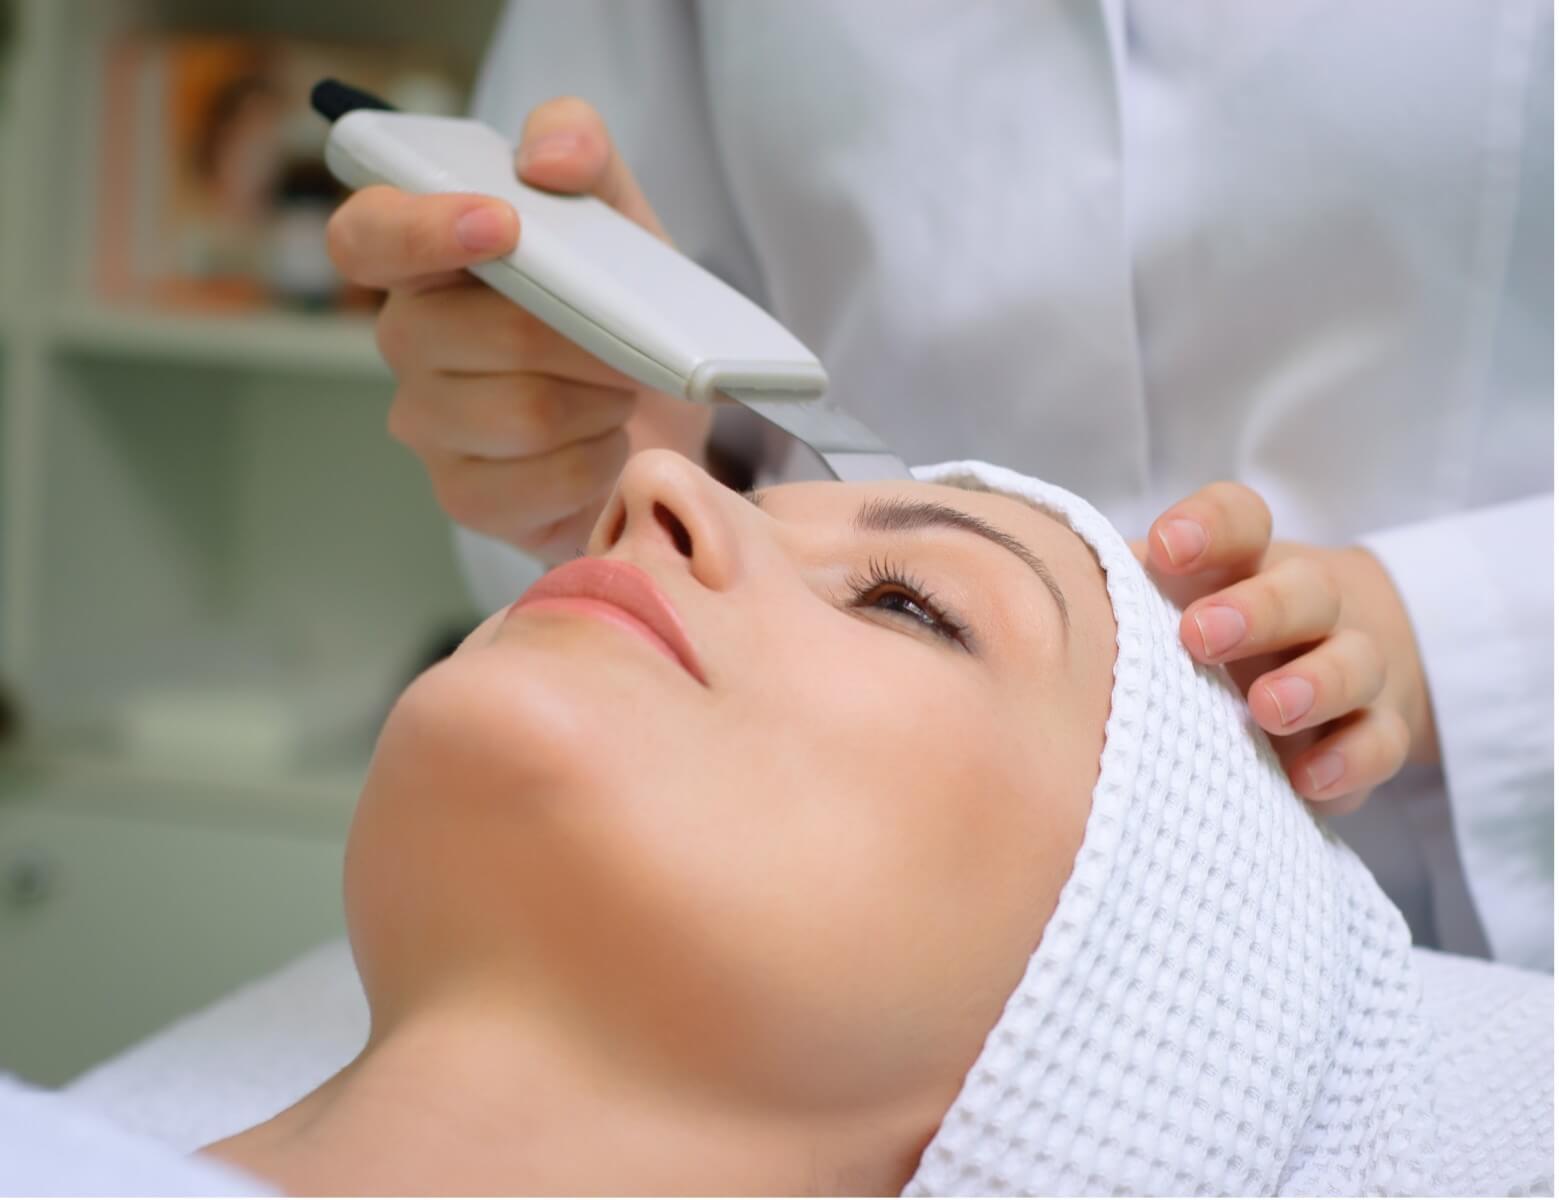 вакуумный массаж тела цена в москве